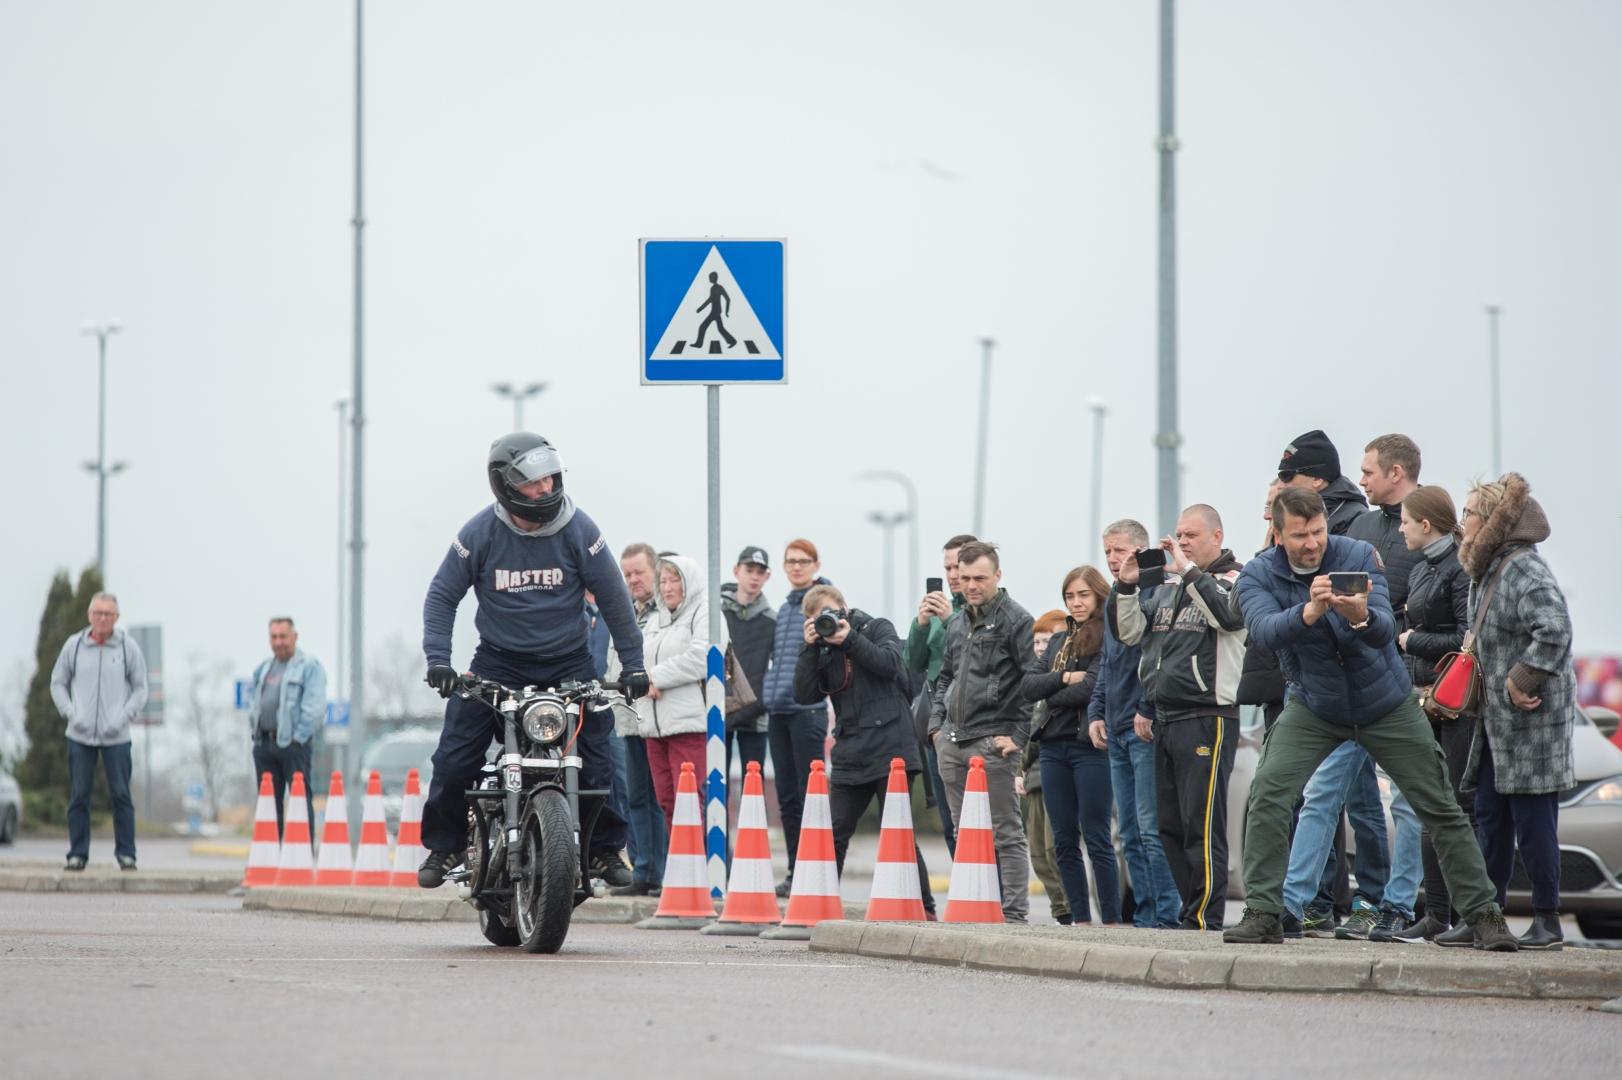 08304310e28 FOTOD JA VIDEO! Hulljulge Venemaa motokaskadöör andis Tallinnas - Video